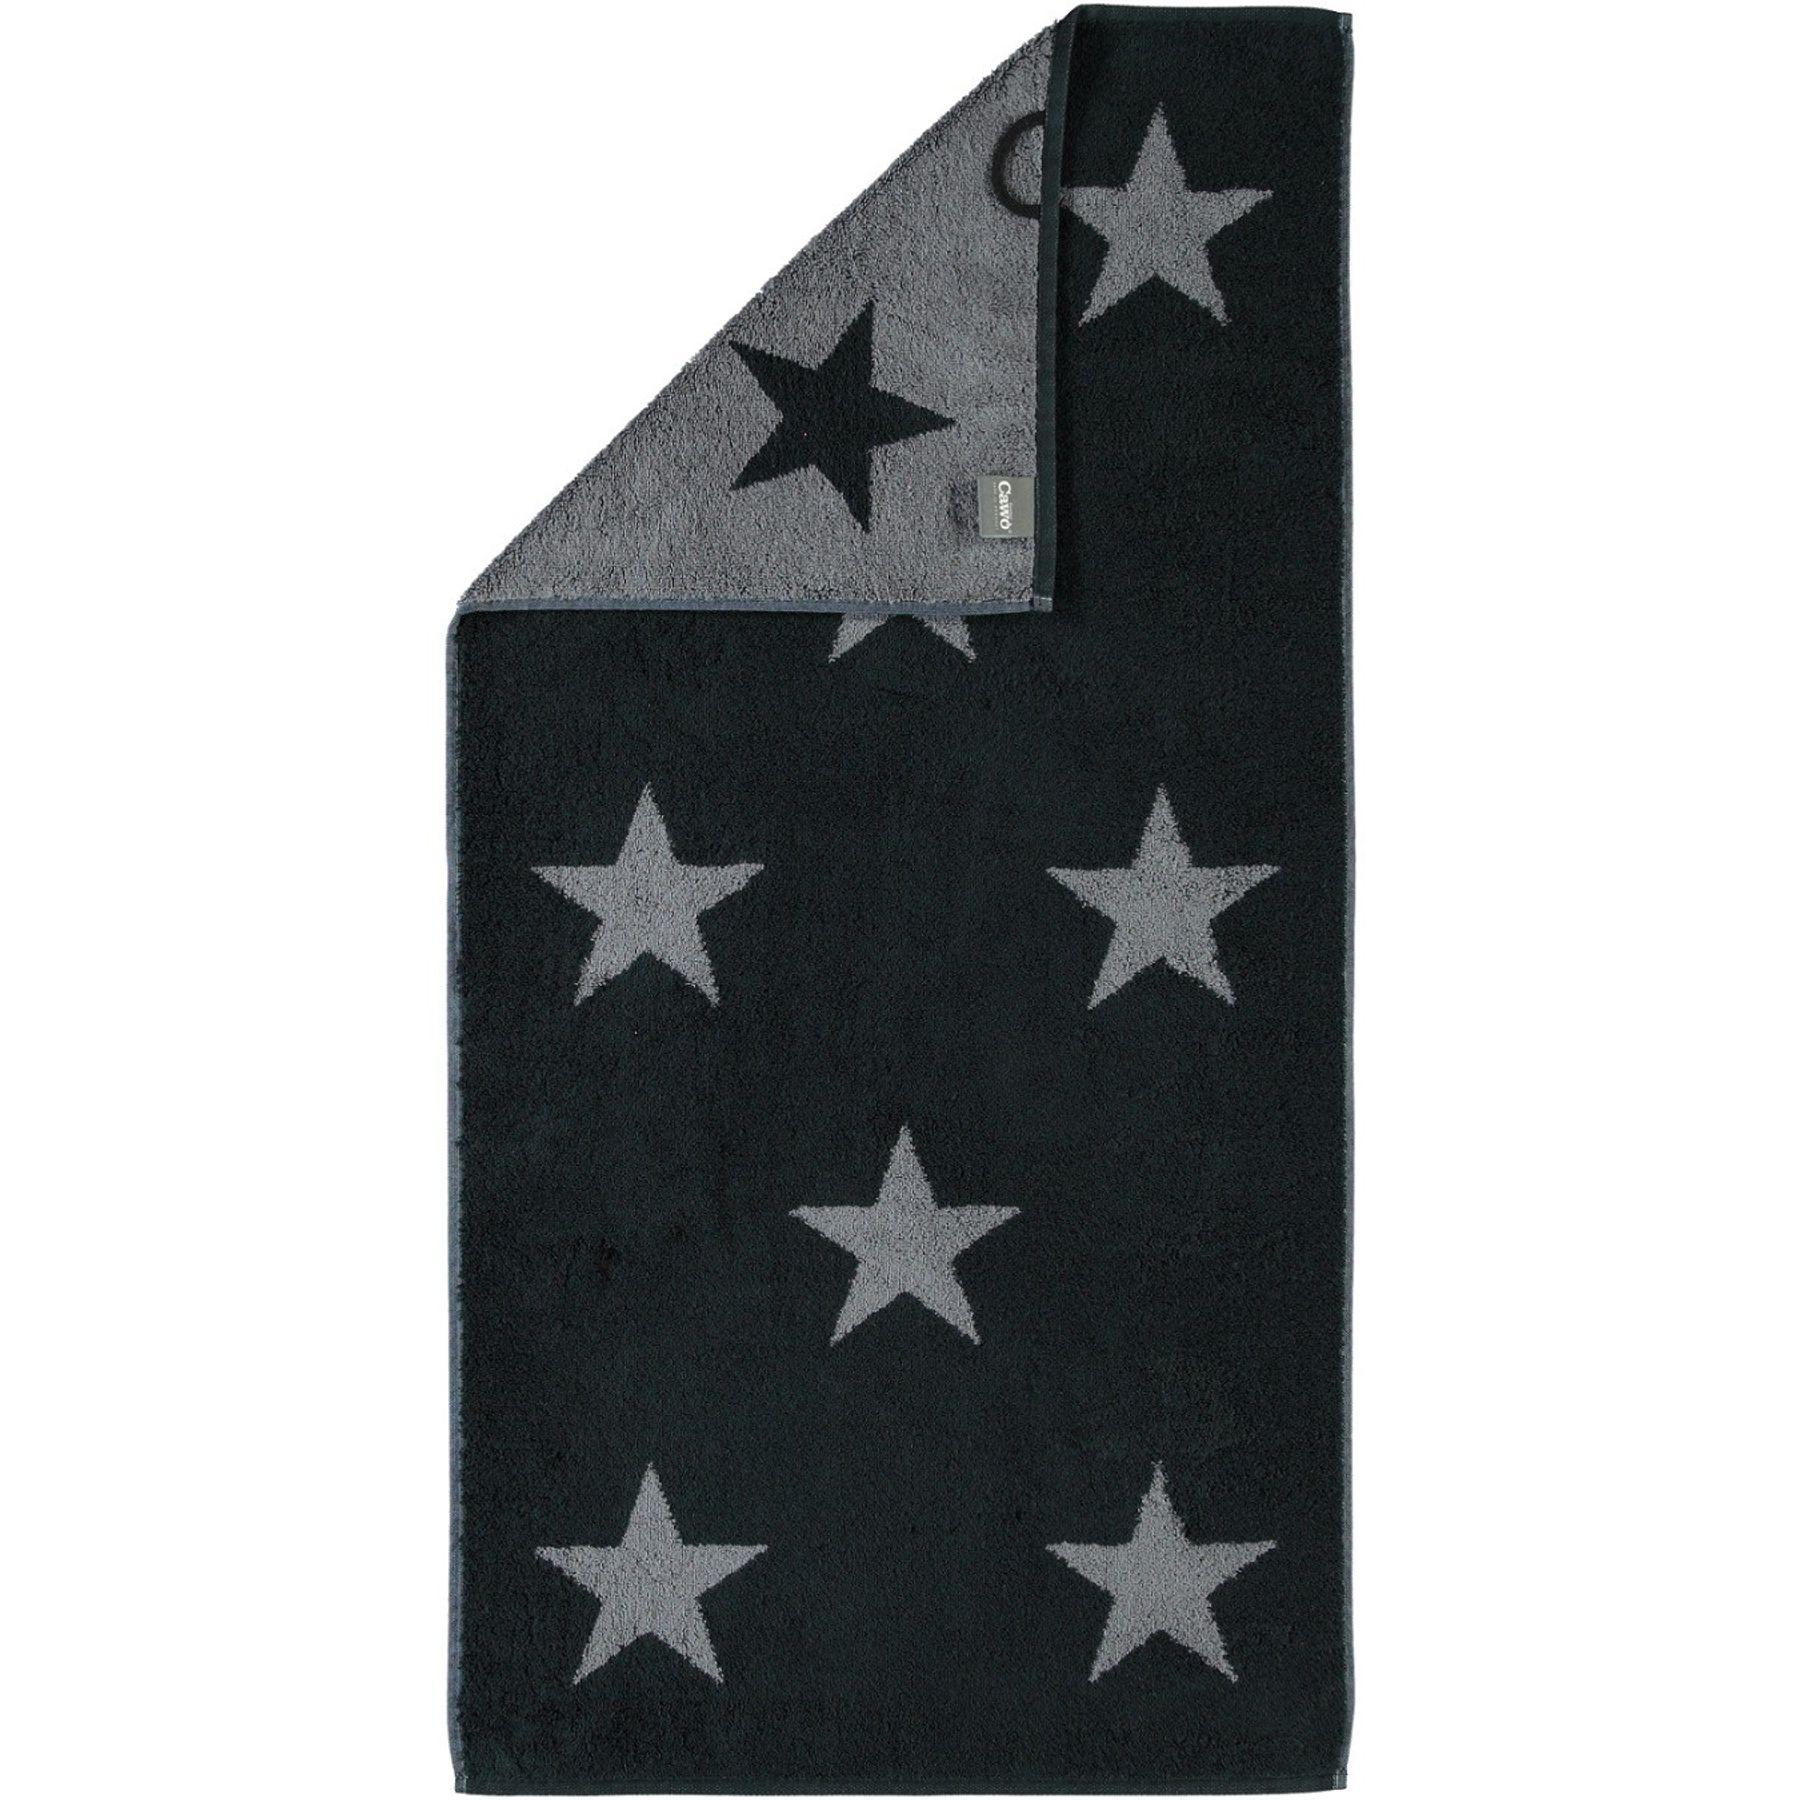 Cawö - Frottier Tuch mit Sternen Muster in verschiedenen Farben und Größen (524) – Bild 5